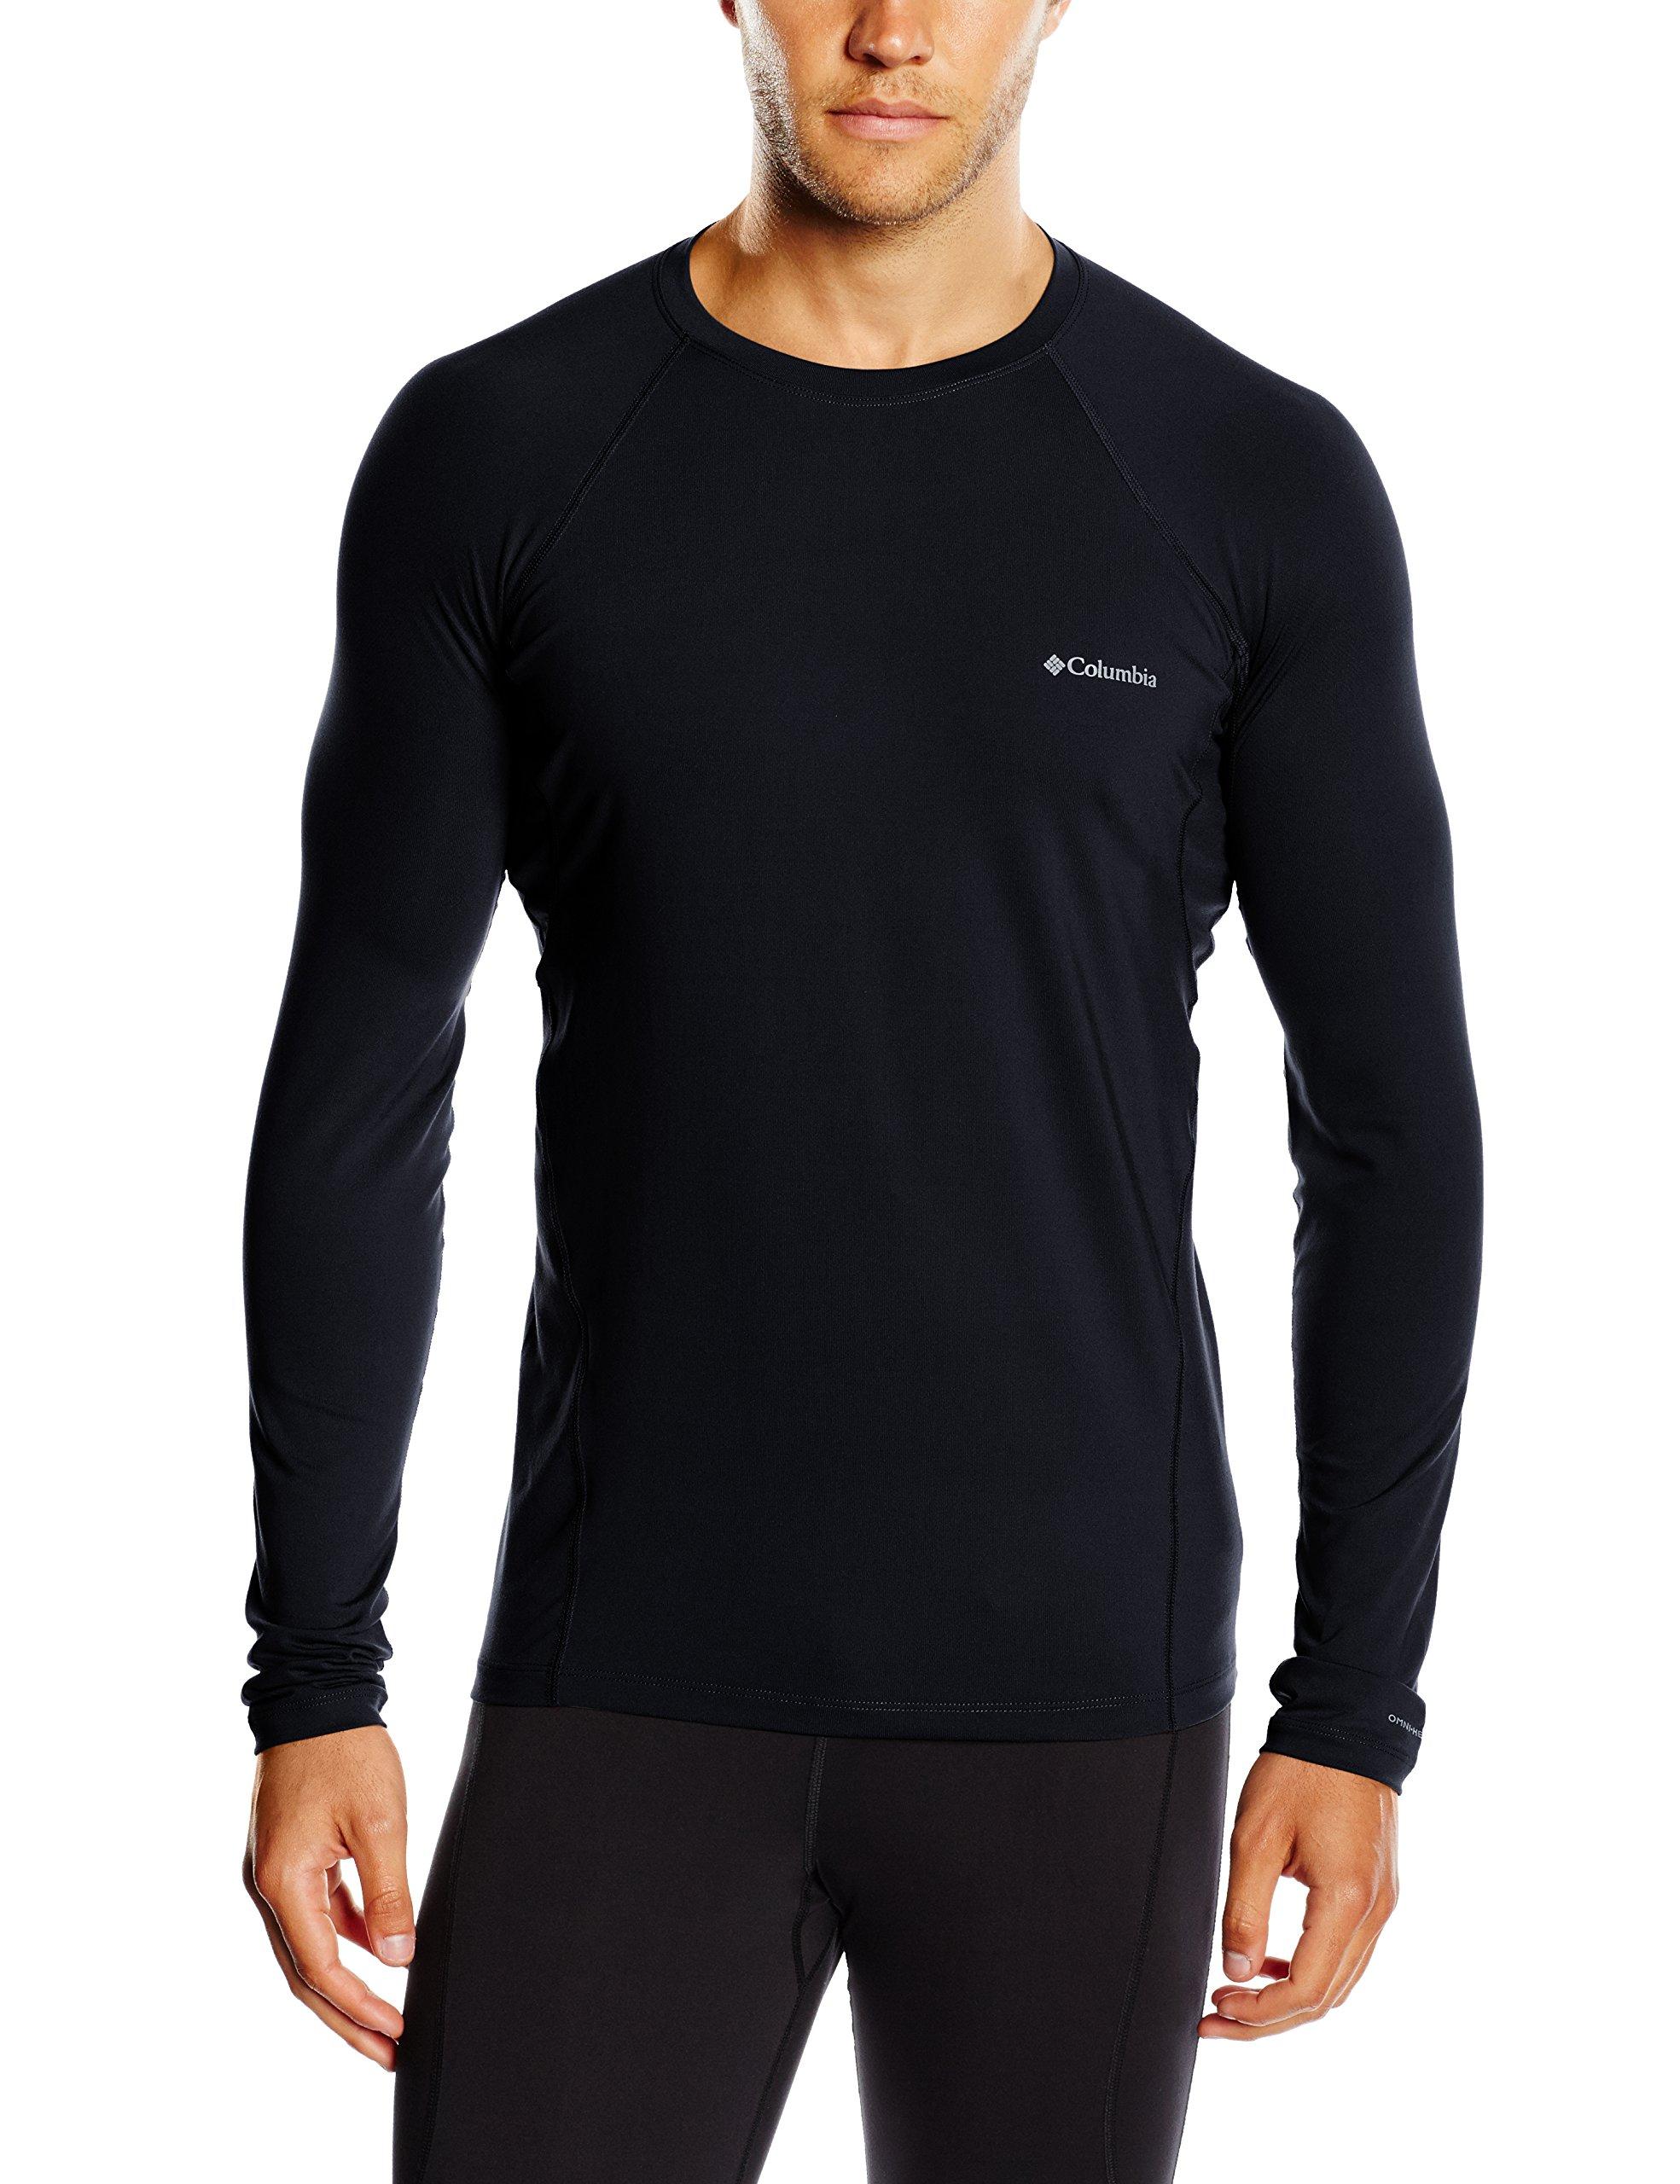 Mejor valorados en Camisetas térmicas para hombre   Opiniones útiles ... c31ceddde198